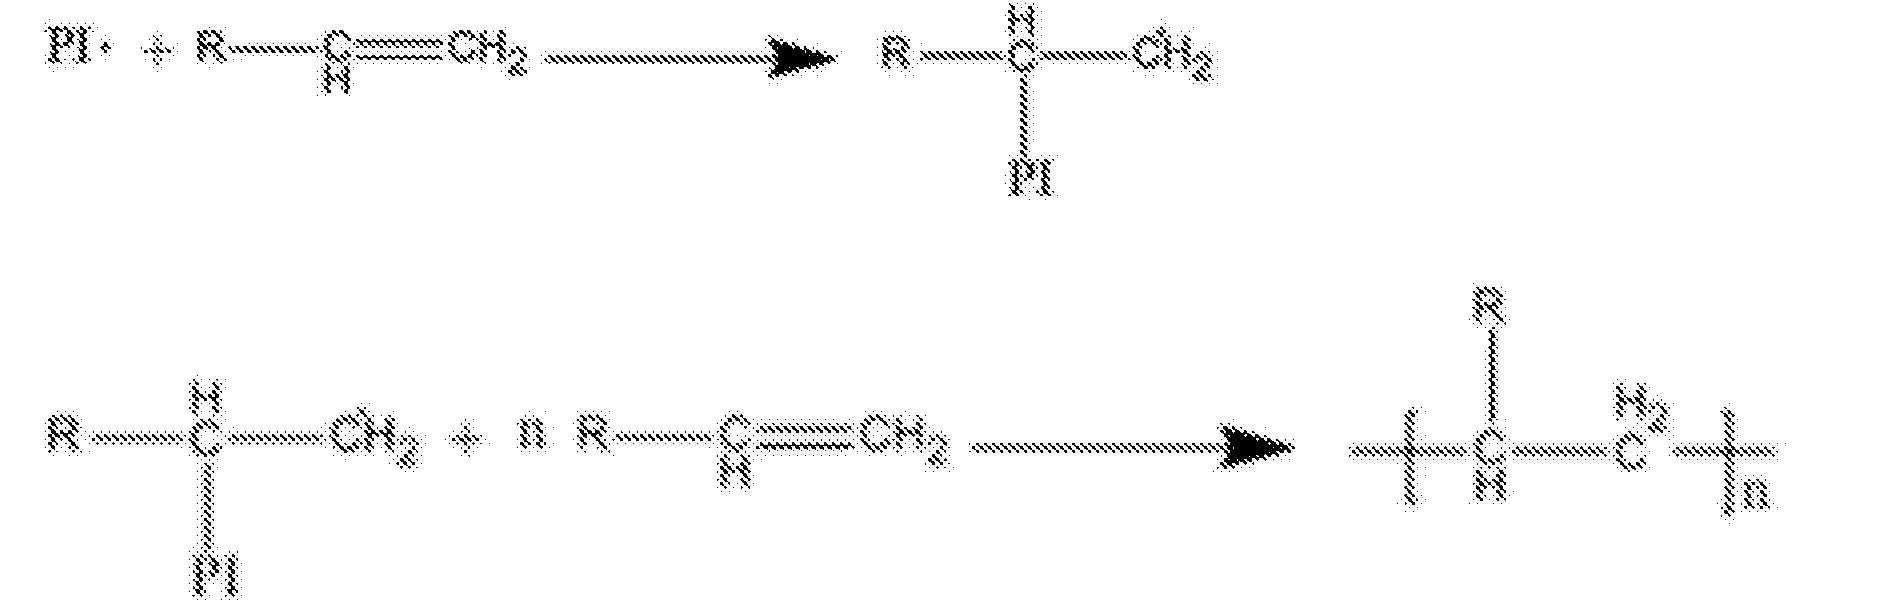 Figure CN104238198BD00084